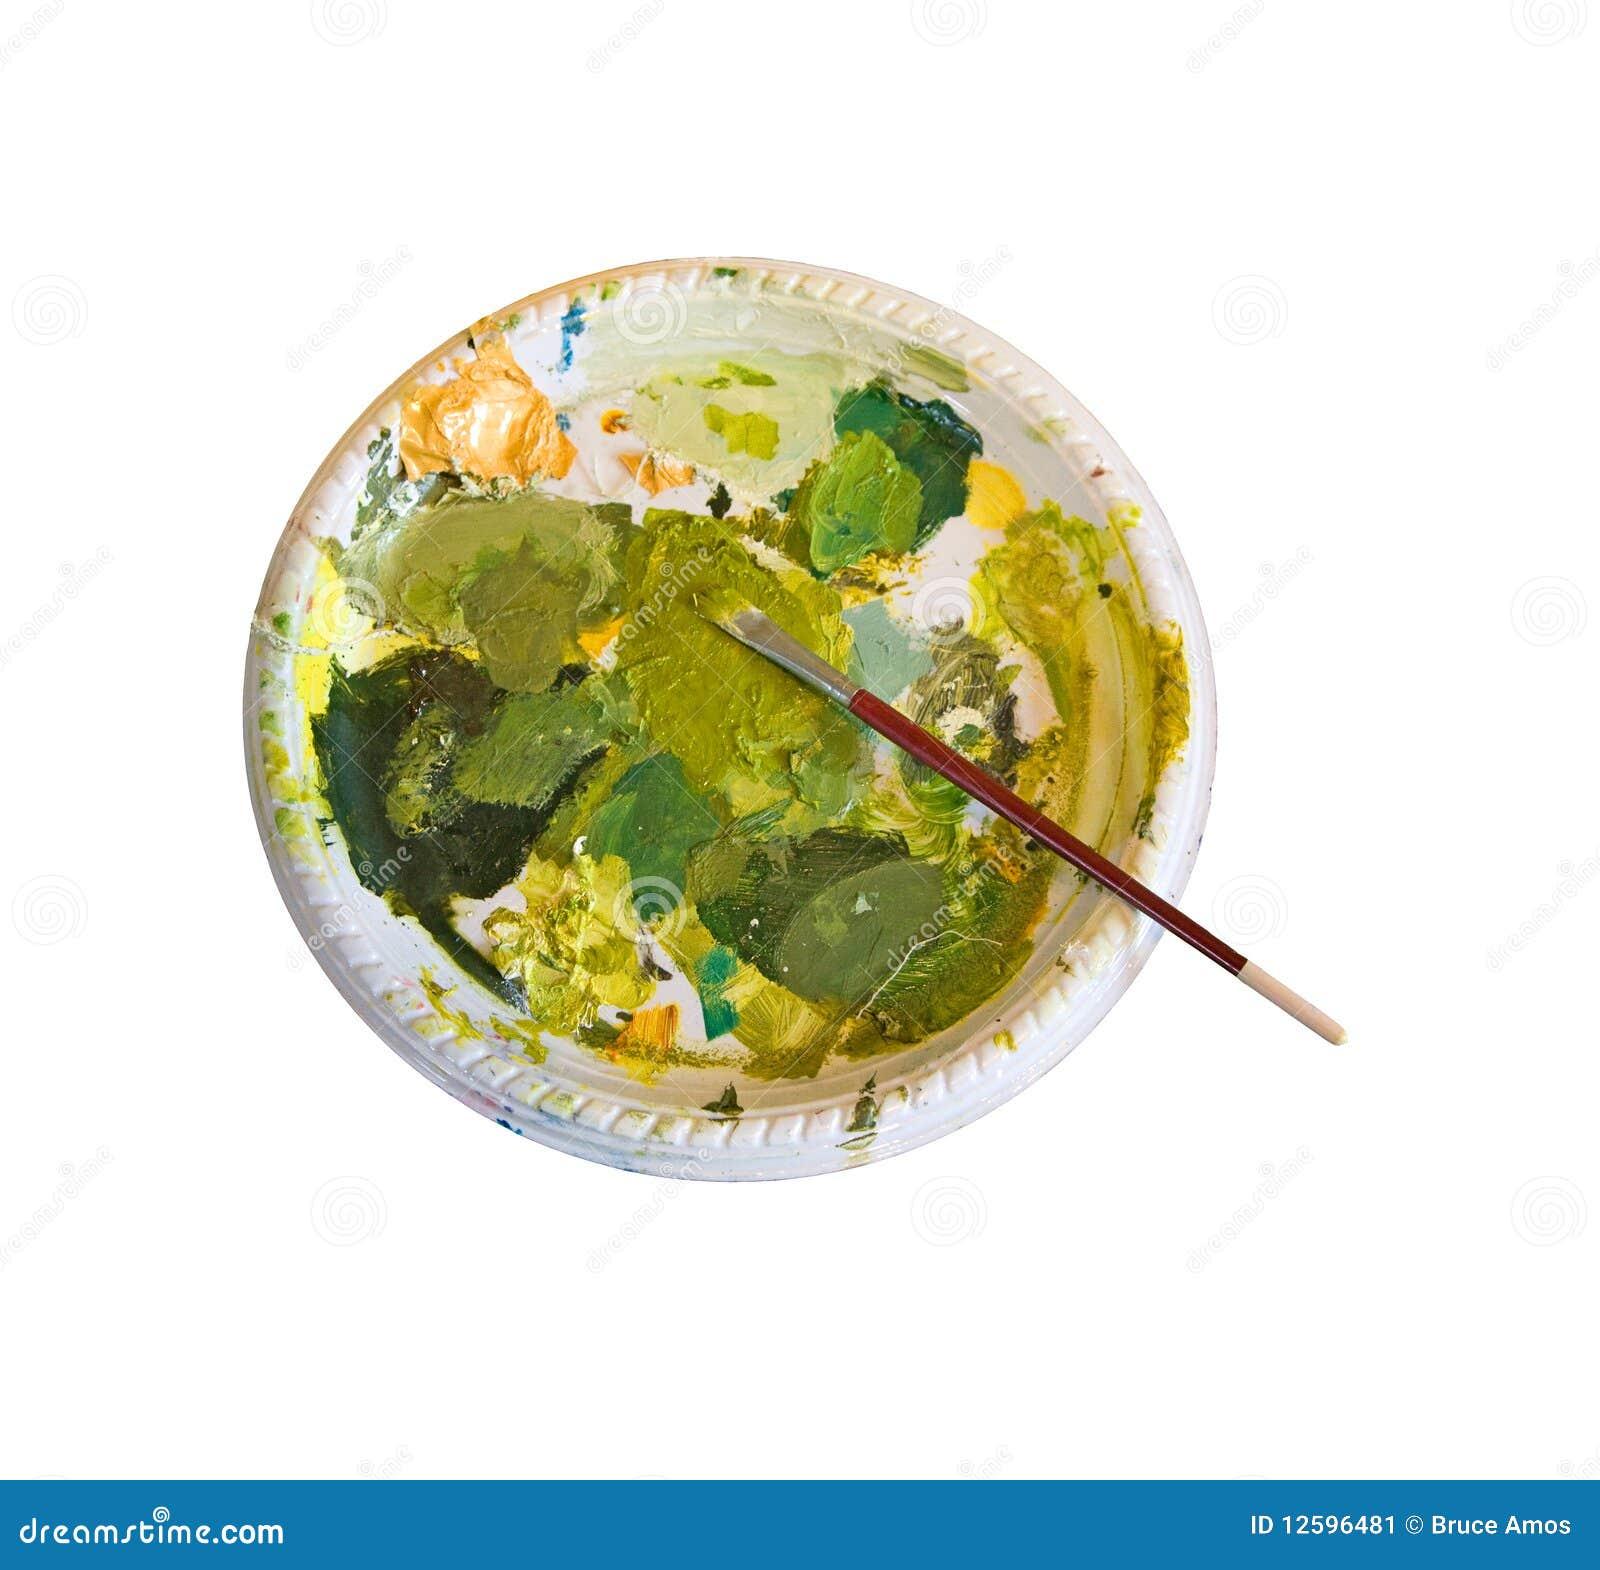 Gama de colores de pinturas verdes imagen de archivo - Gama de colores verdes ...